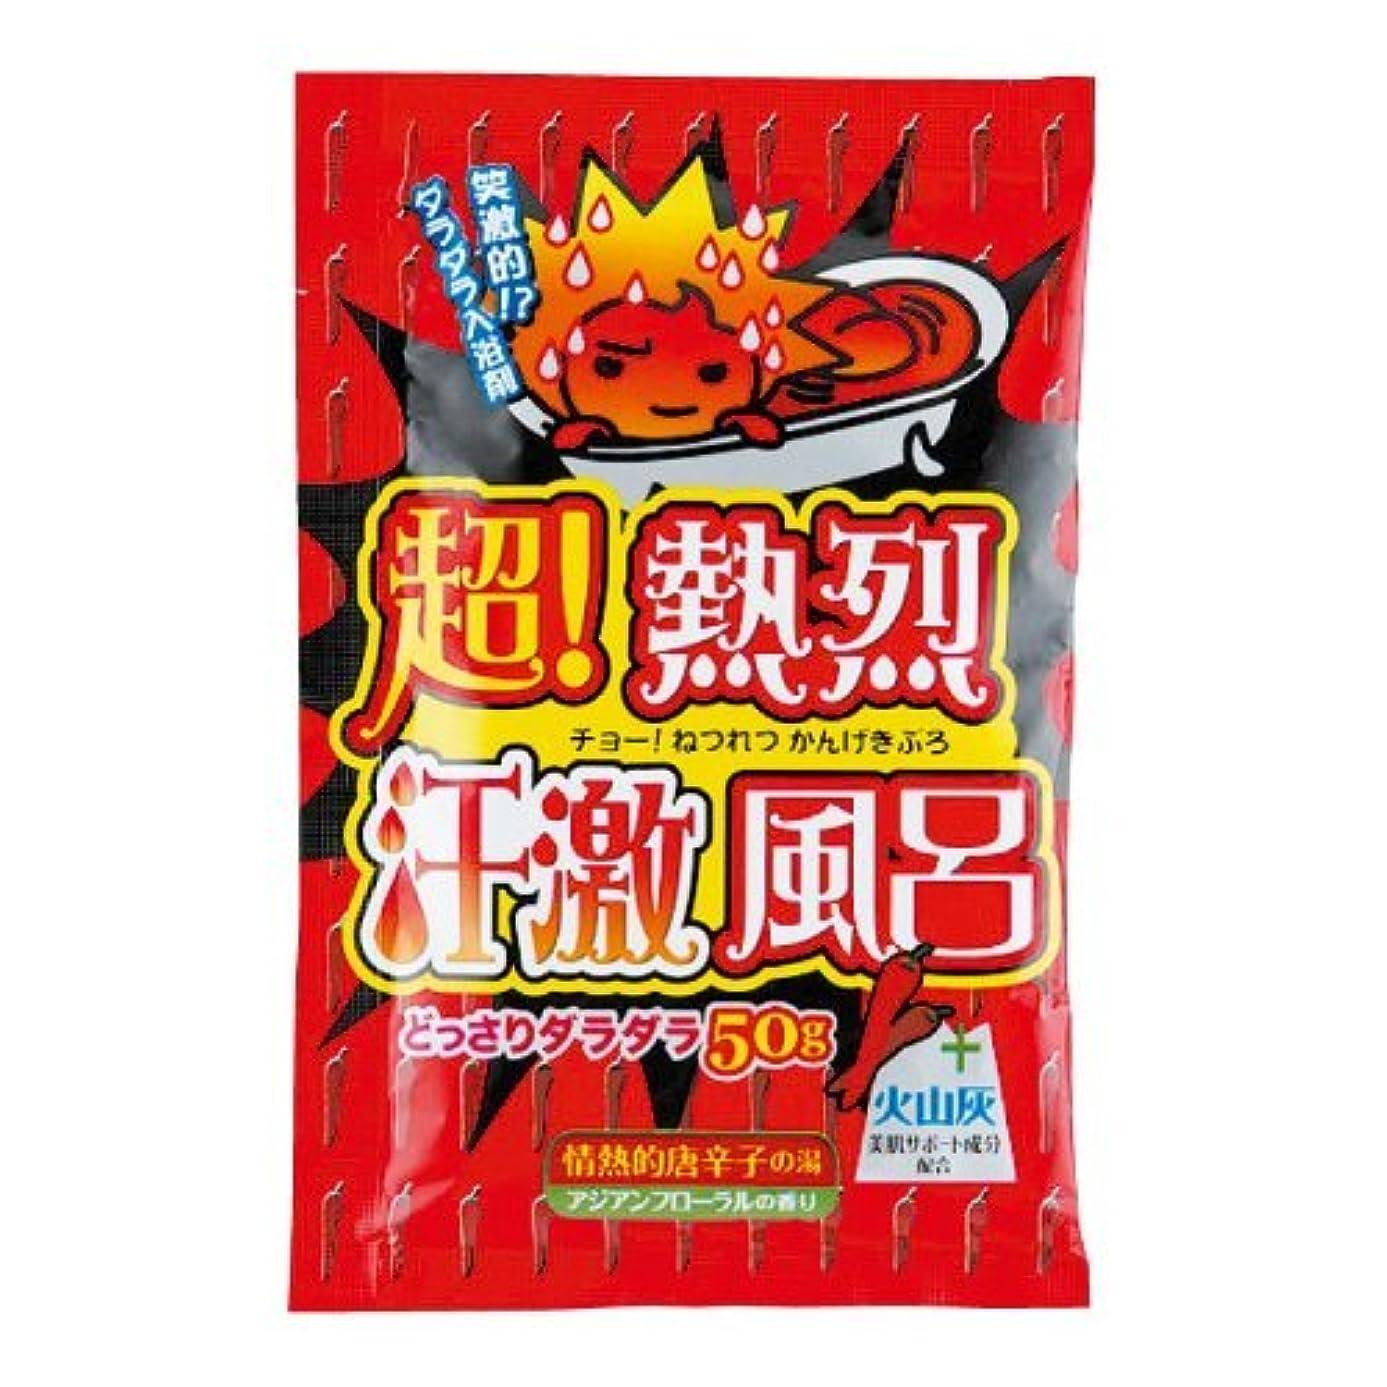 紀陽除虫菊 超 熱烈 汗激風呂 火山灰【まとめ買い12個セット】 N-8211